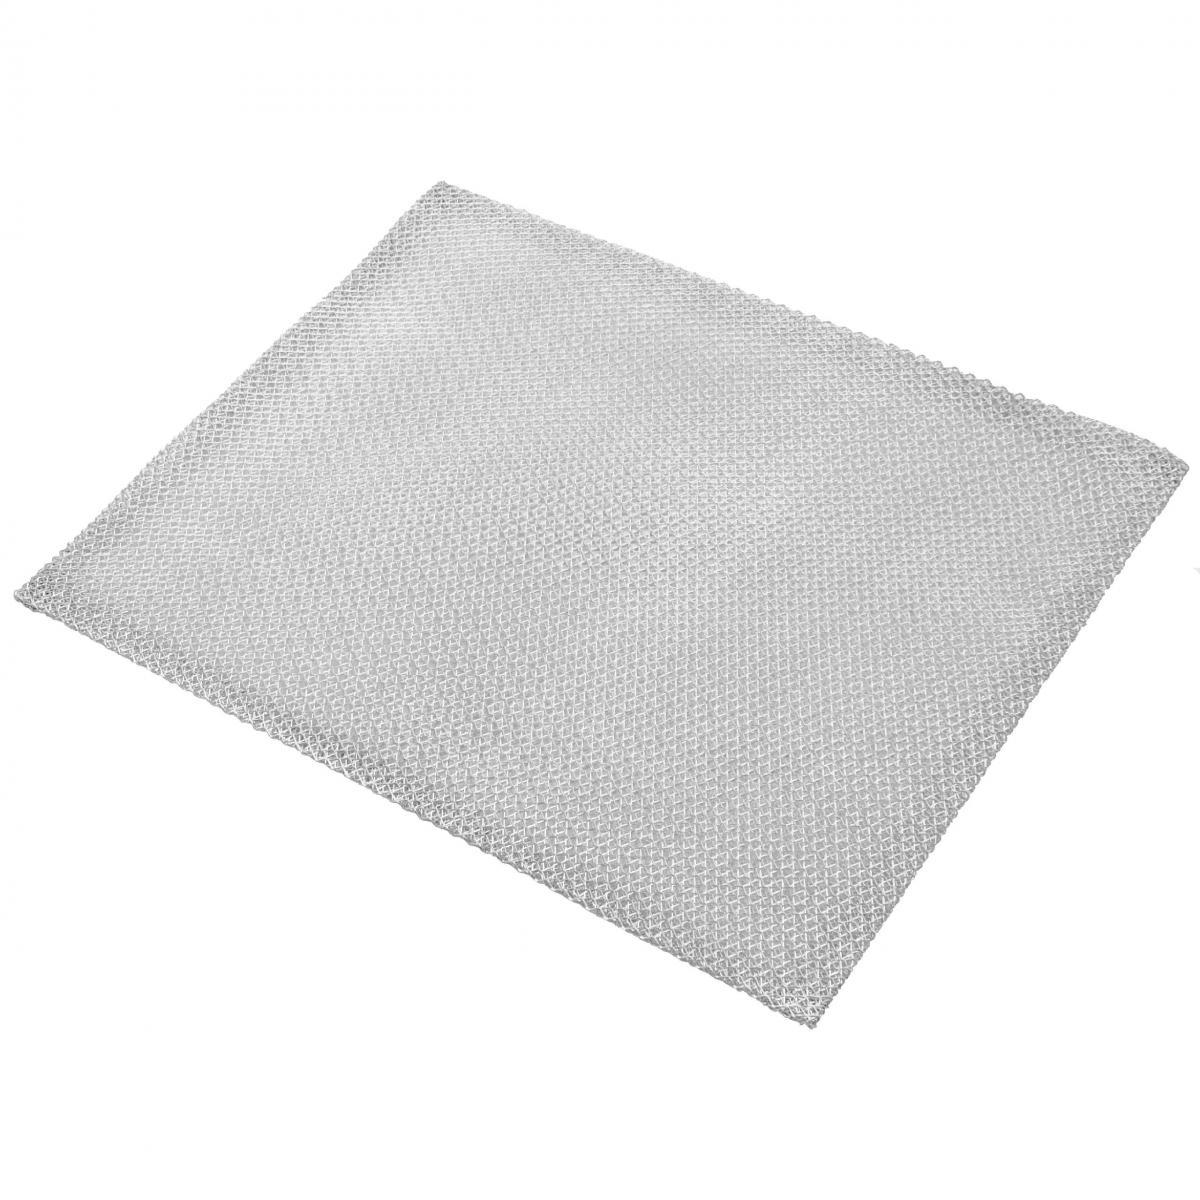 Vhbw vhbw Filtrepermanent filtre à graisse métallique 30 x 23,6 x 0,3cm convient pour Whirlpool AKR 673 857867301030 hottes d